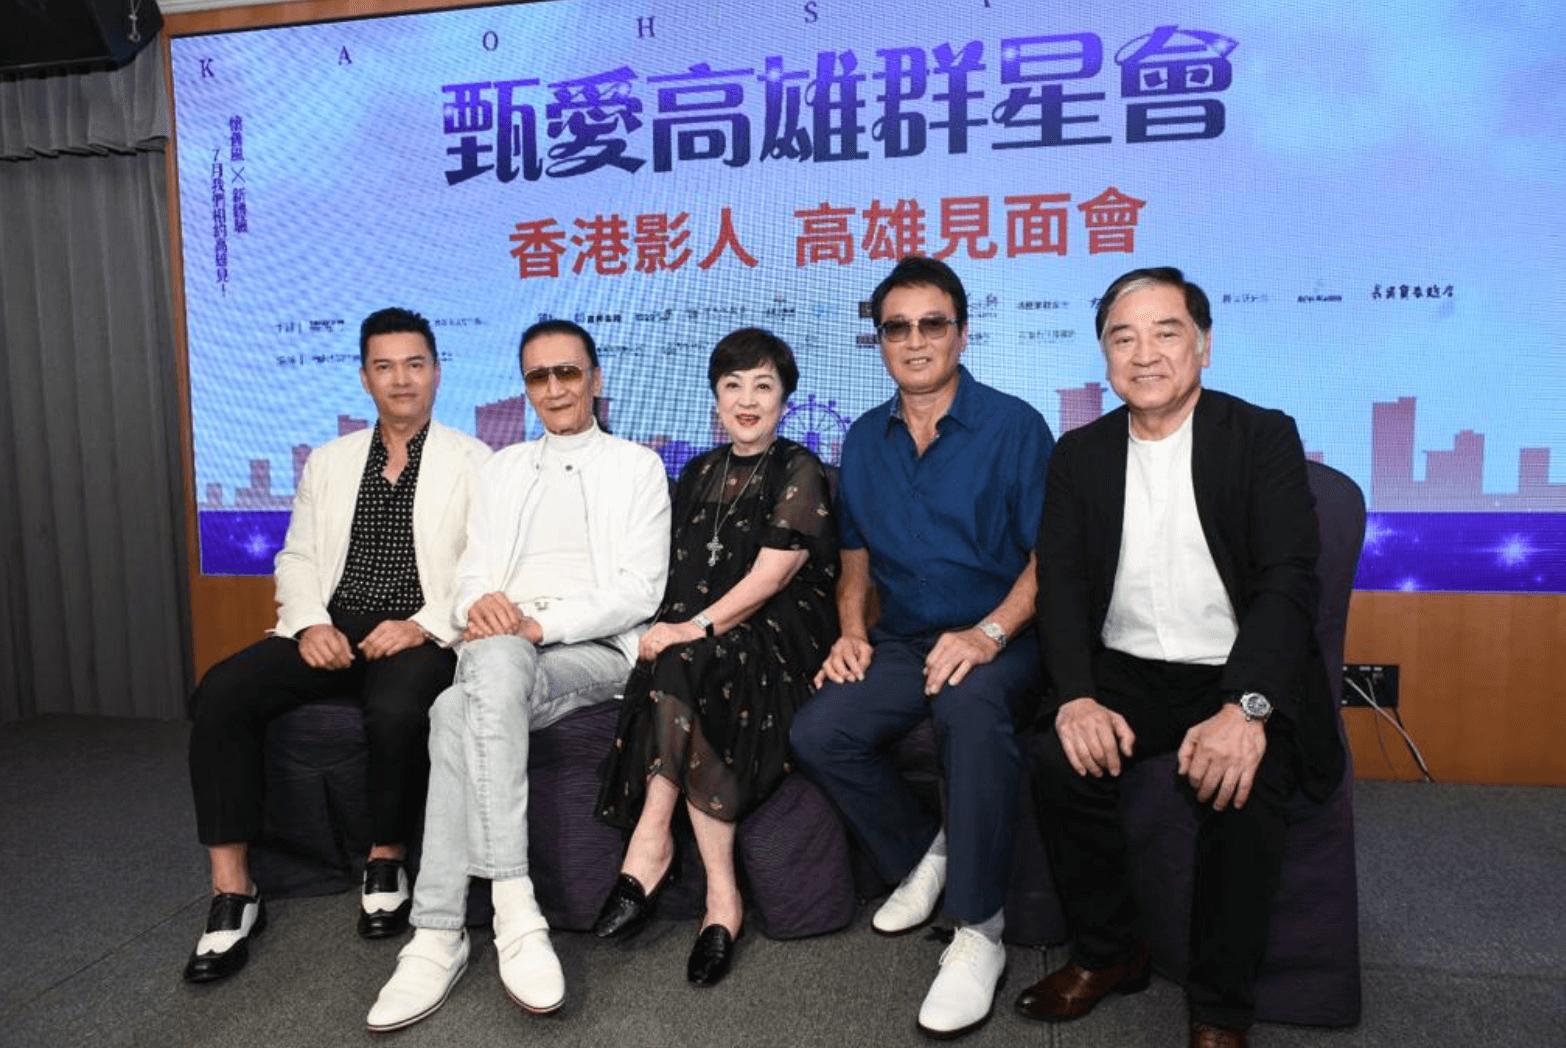 甄珍與銀幕男友秦祥林、謝賢、秦沛及曾飾演她兒子的呂良偉合照。